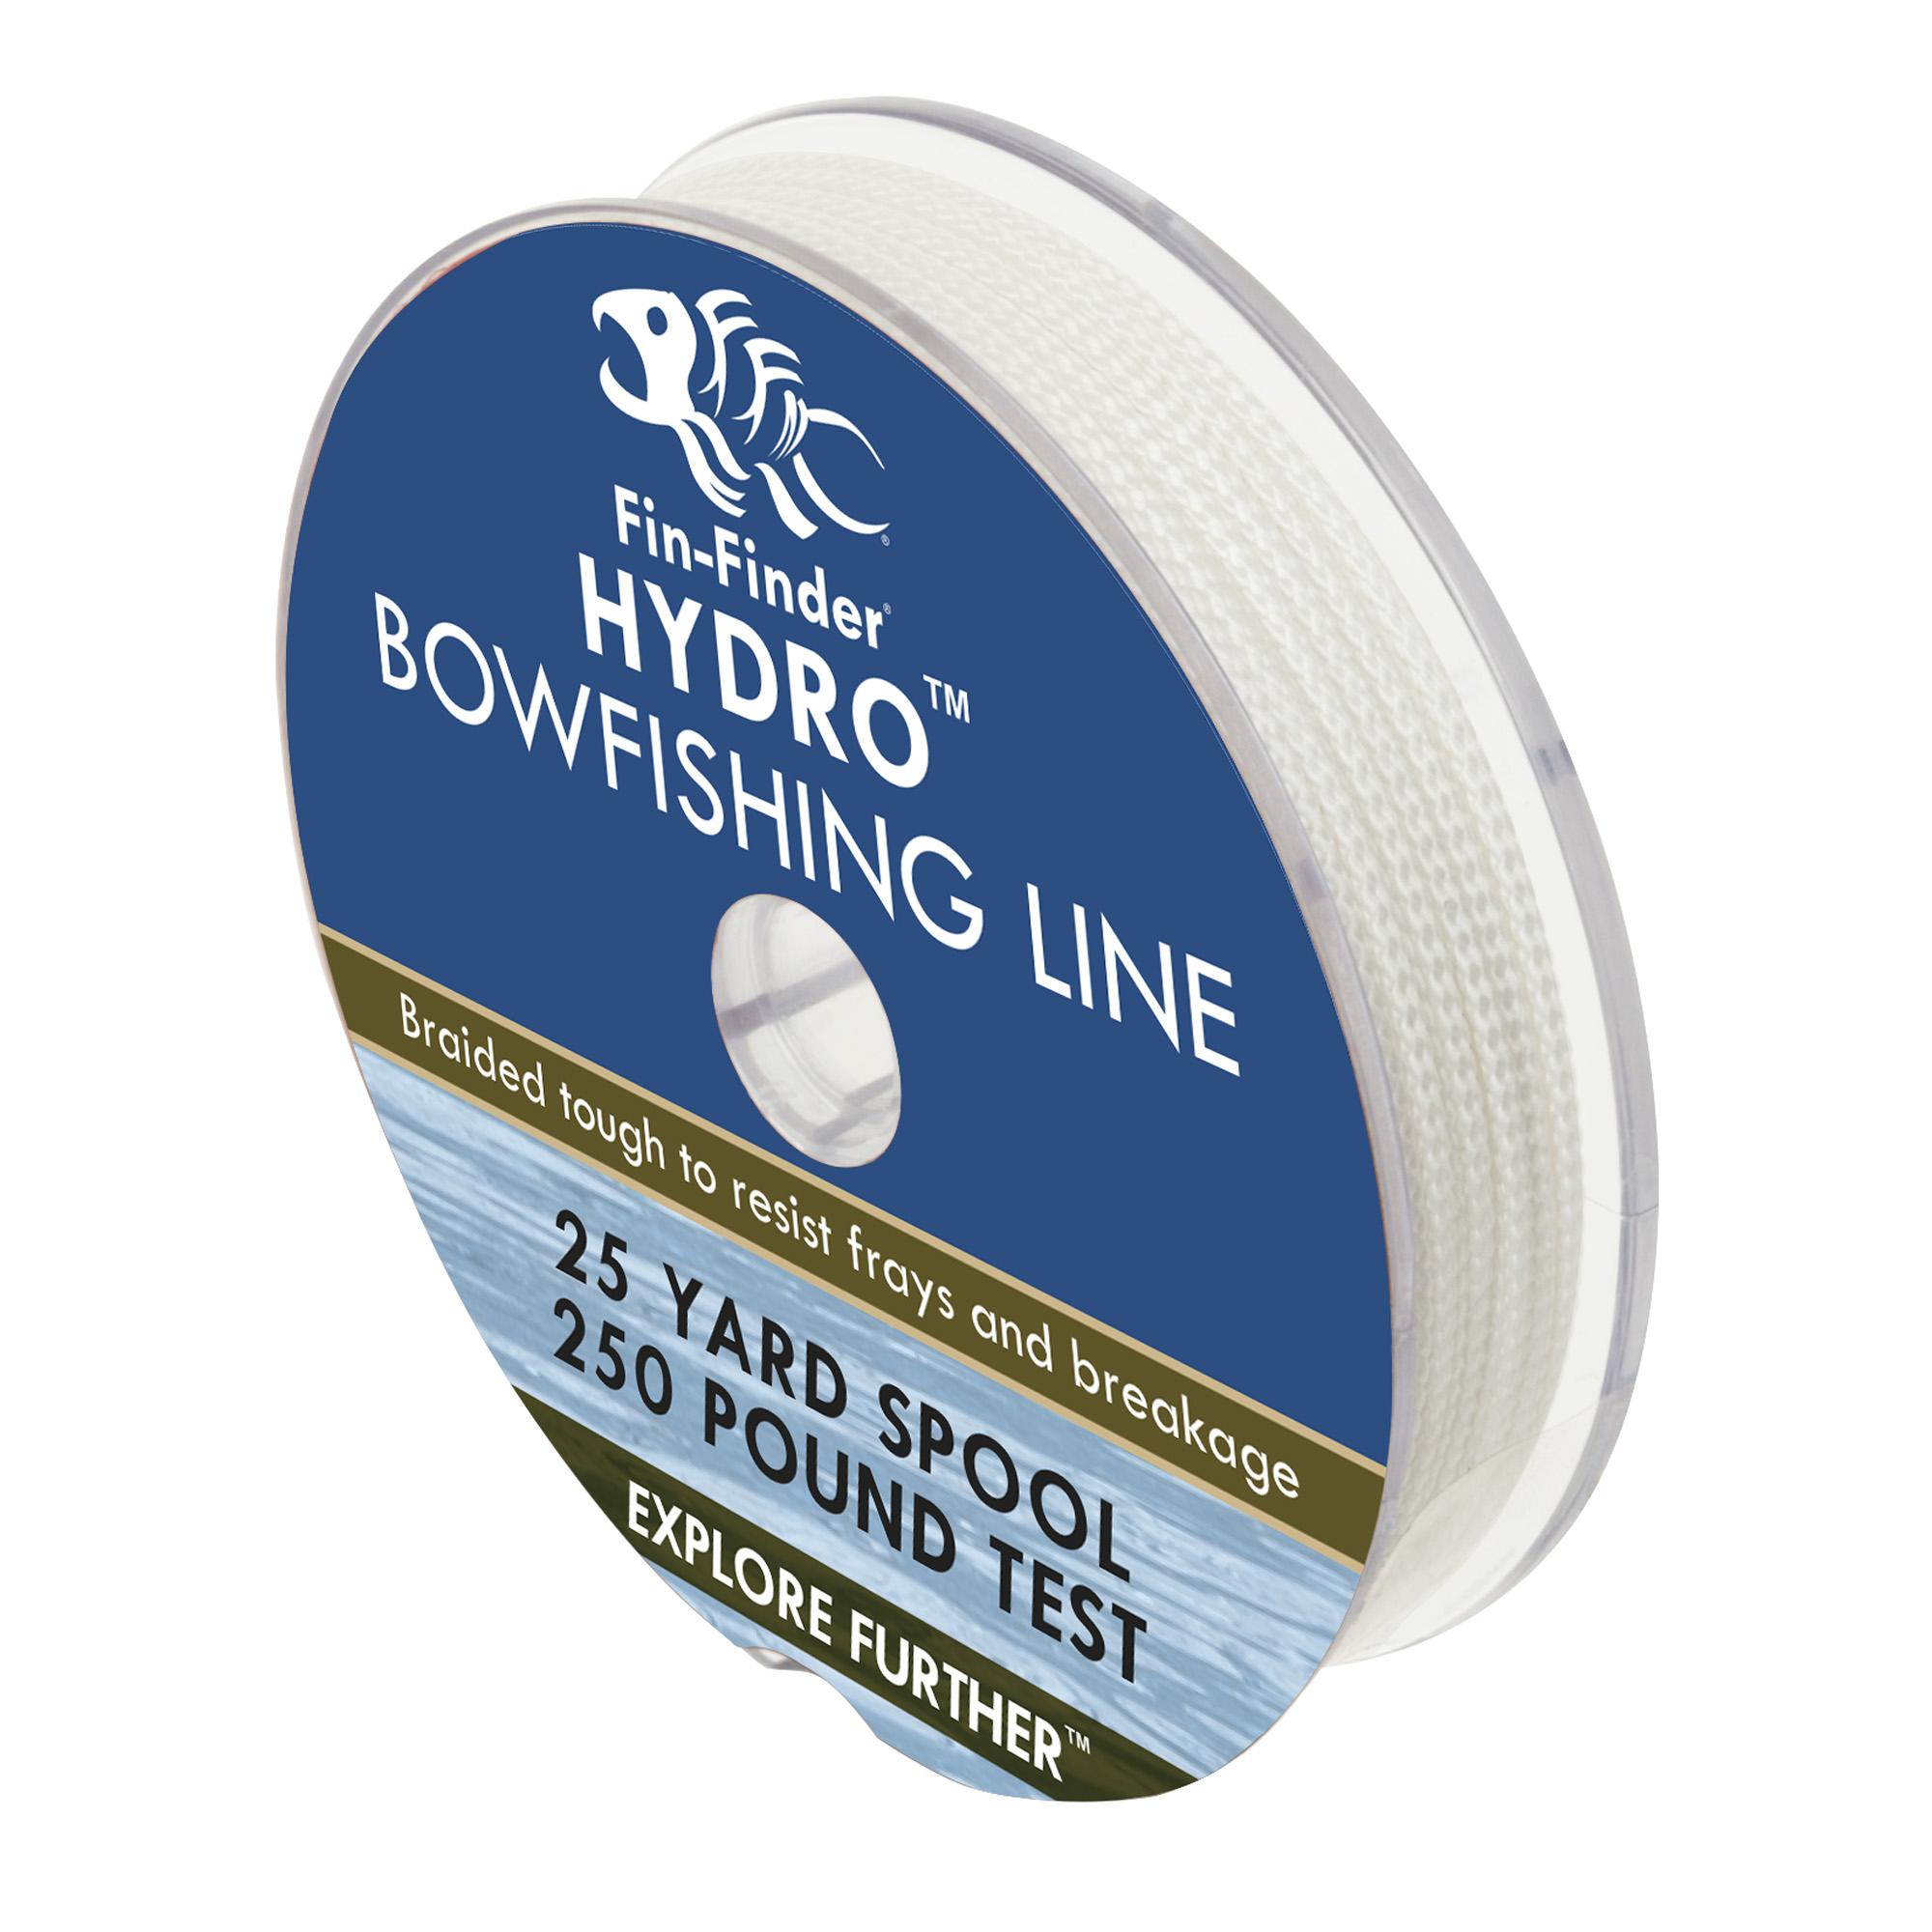 Hydro Bowfishing Line